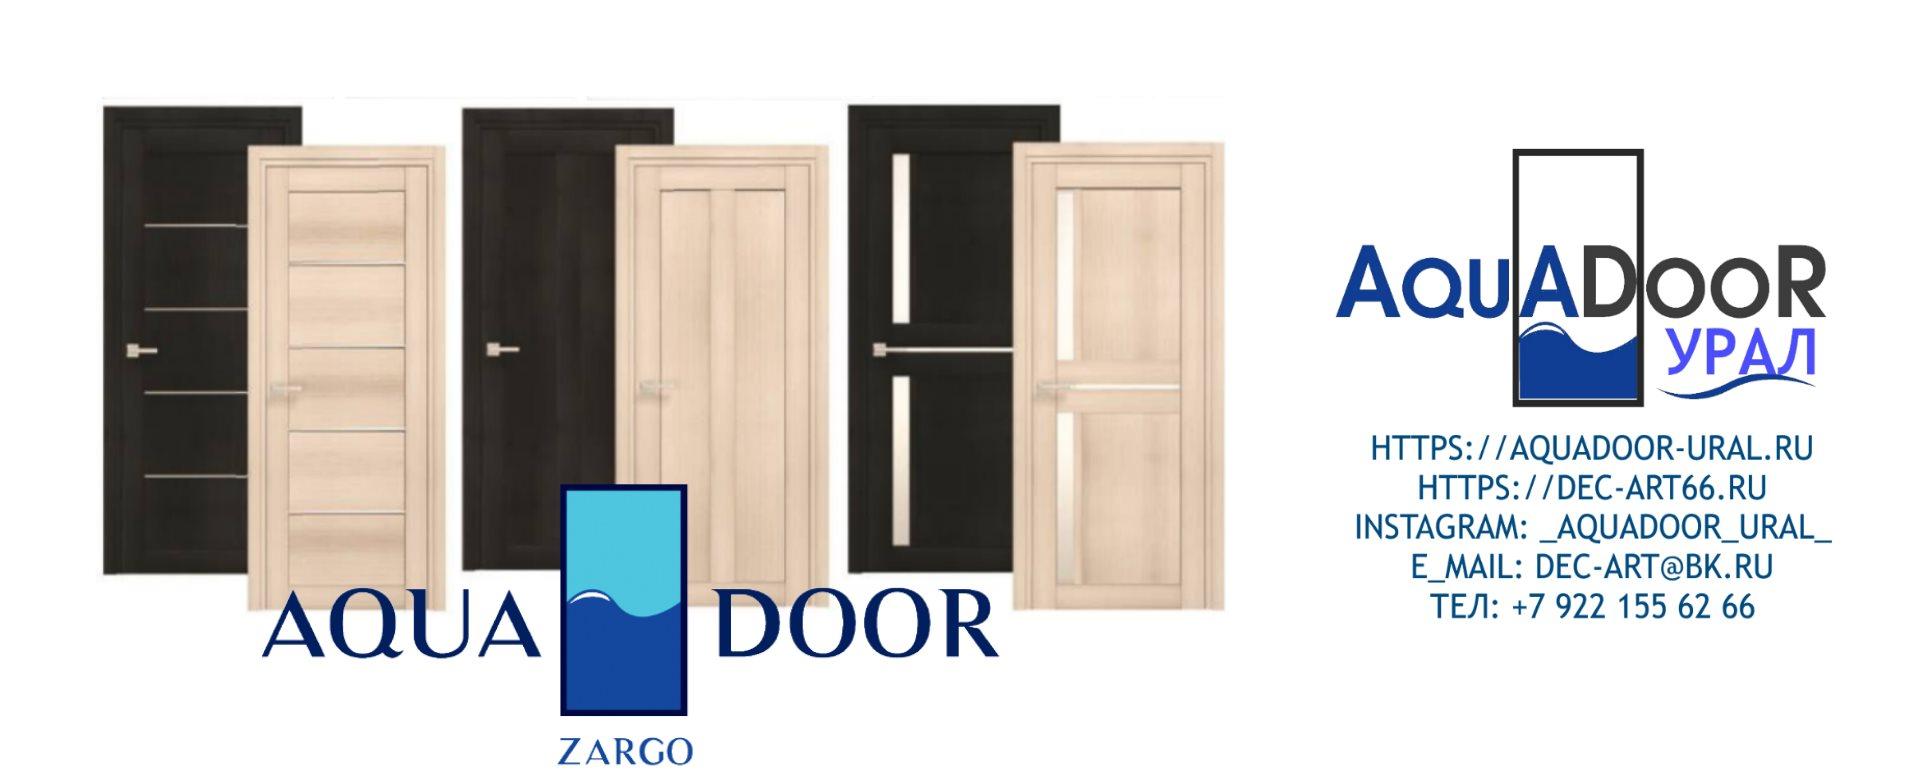 Влагостойкие двери AquaDoor Zargo